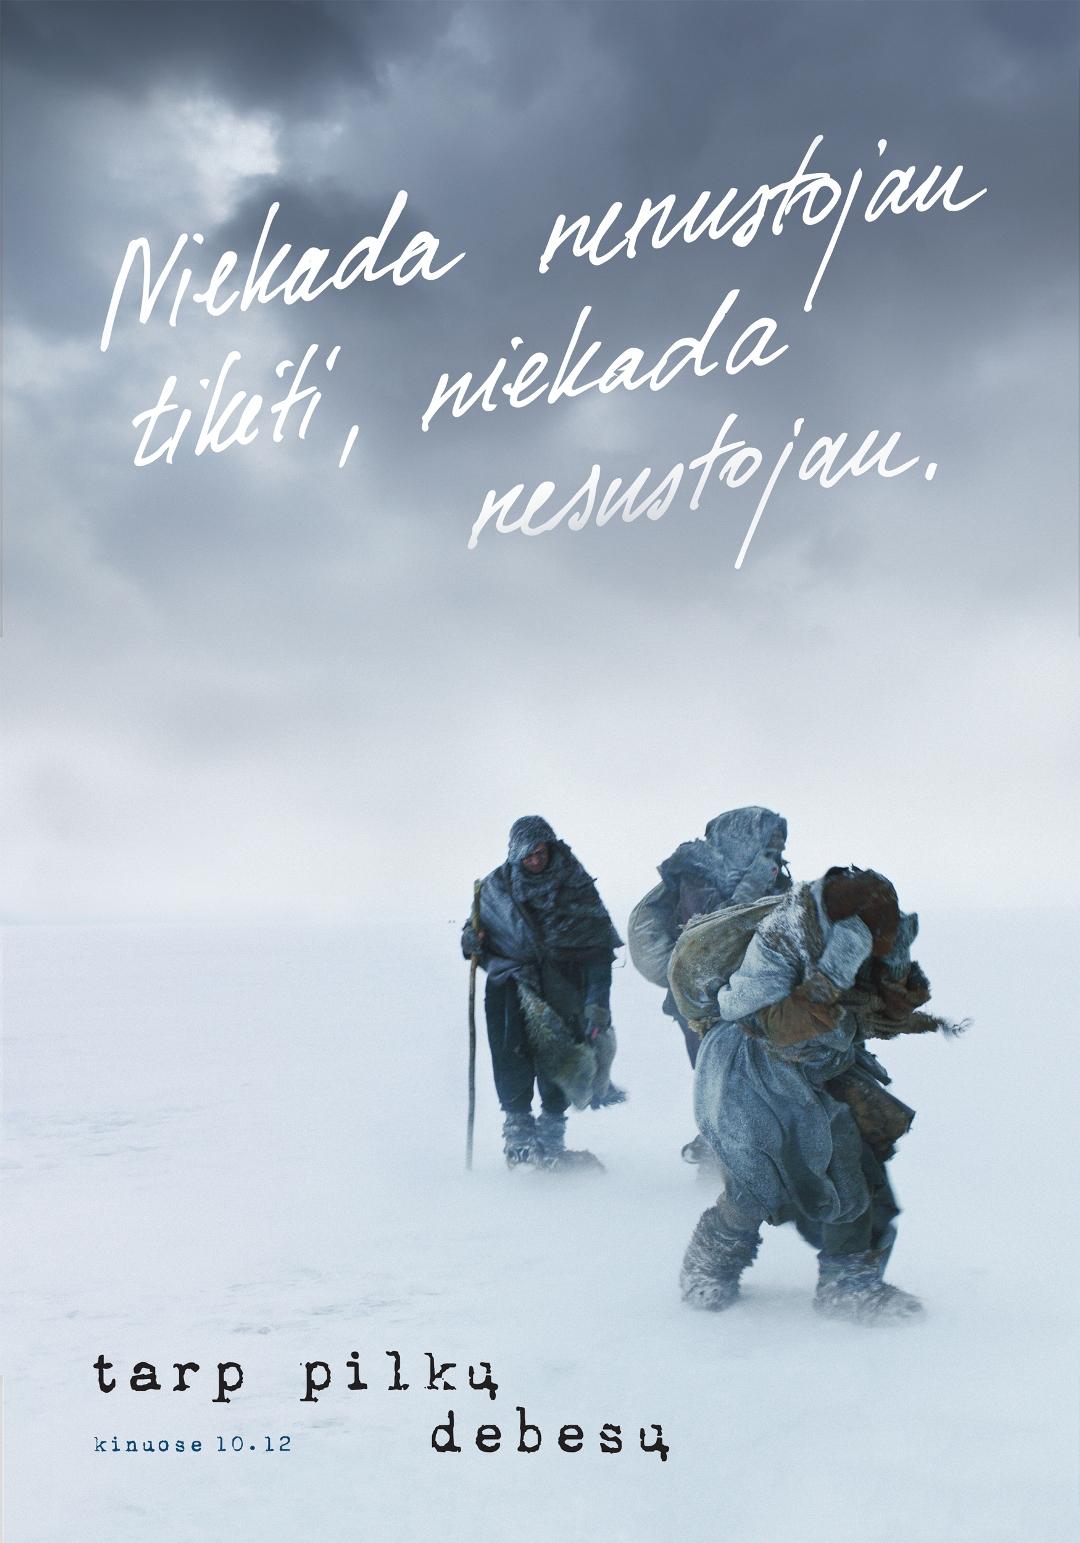 Tarp pilkų debesų (Ashes in the Snow)